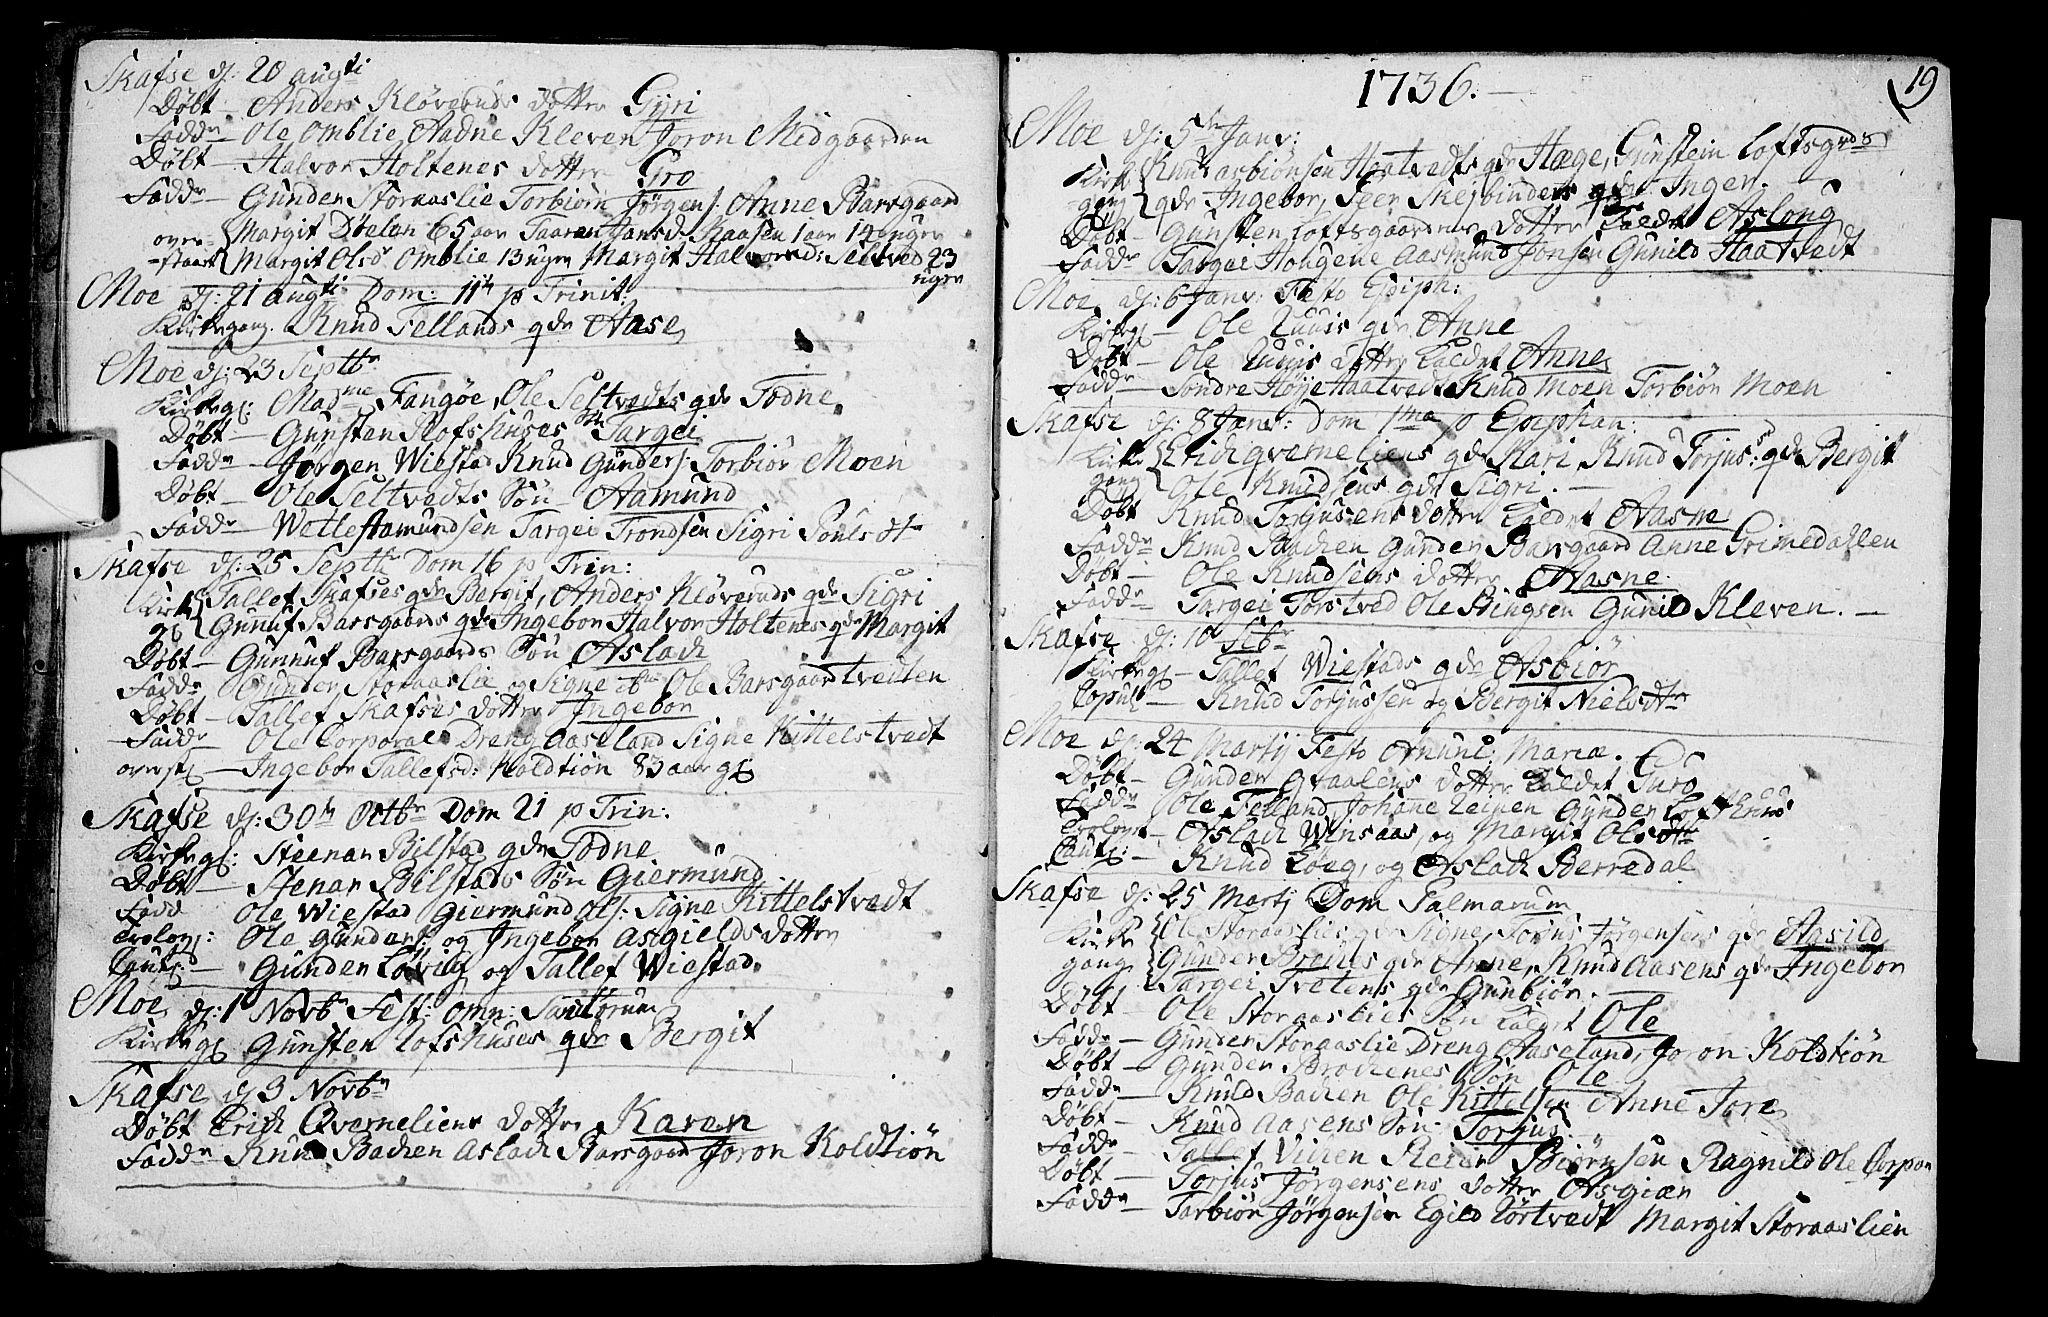 SAKO, Mo kirkebøker, F/Fa/L0001: Ministerialbok nr. I 1, 1724-1748, s. 19